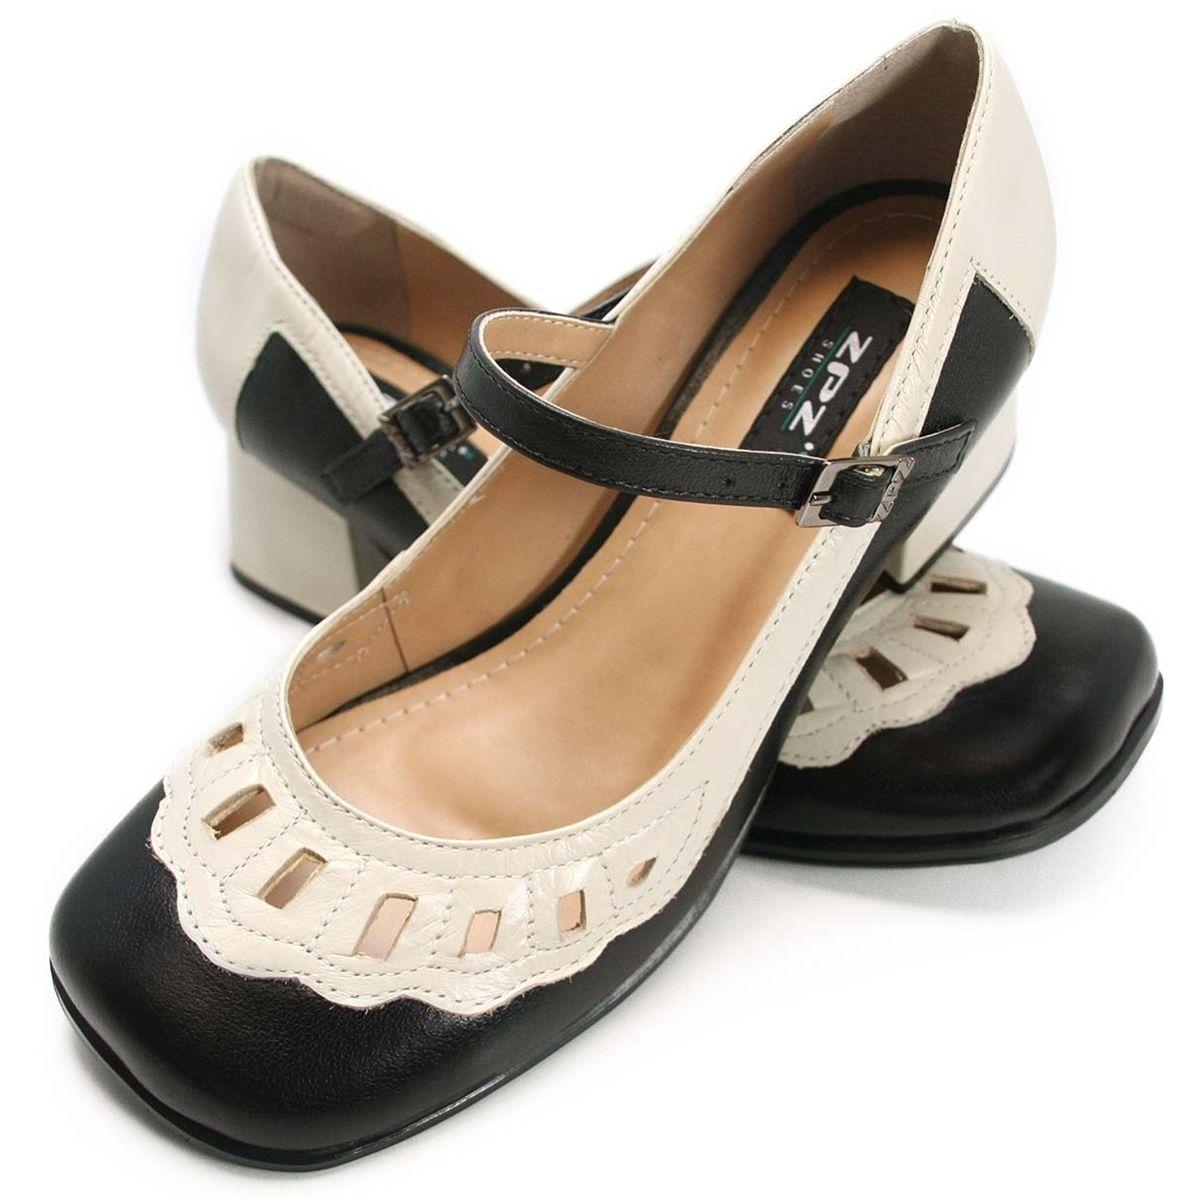 85e6ebd406 Sapato Feminino Retrô - Calçado Feminino